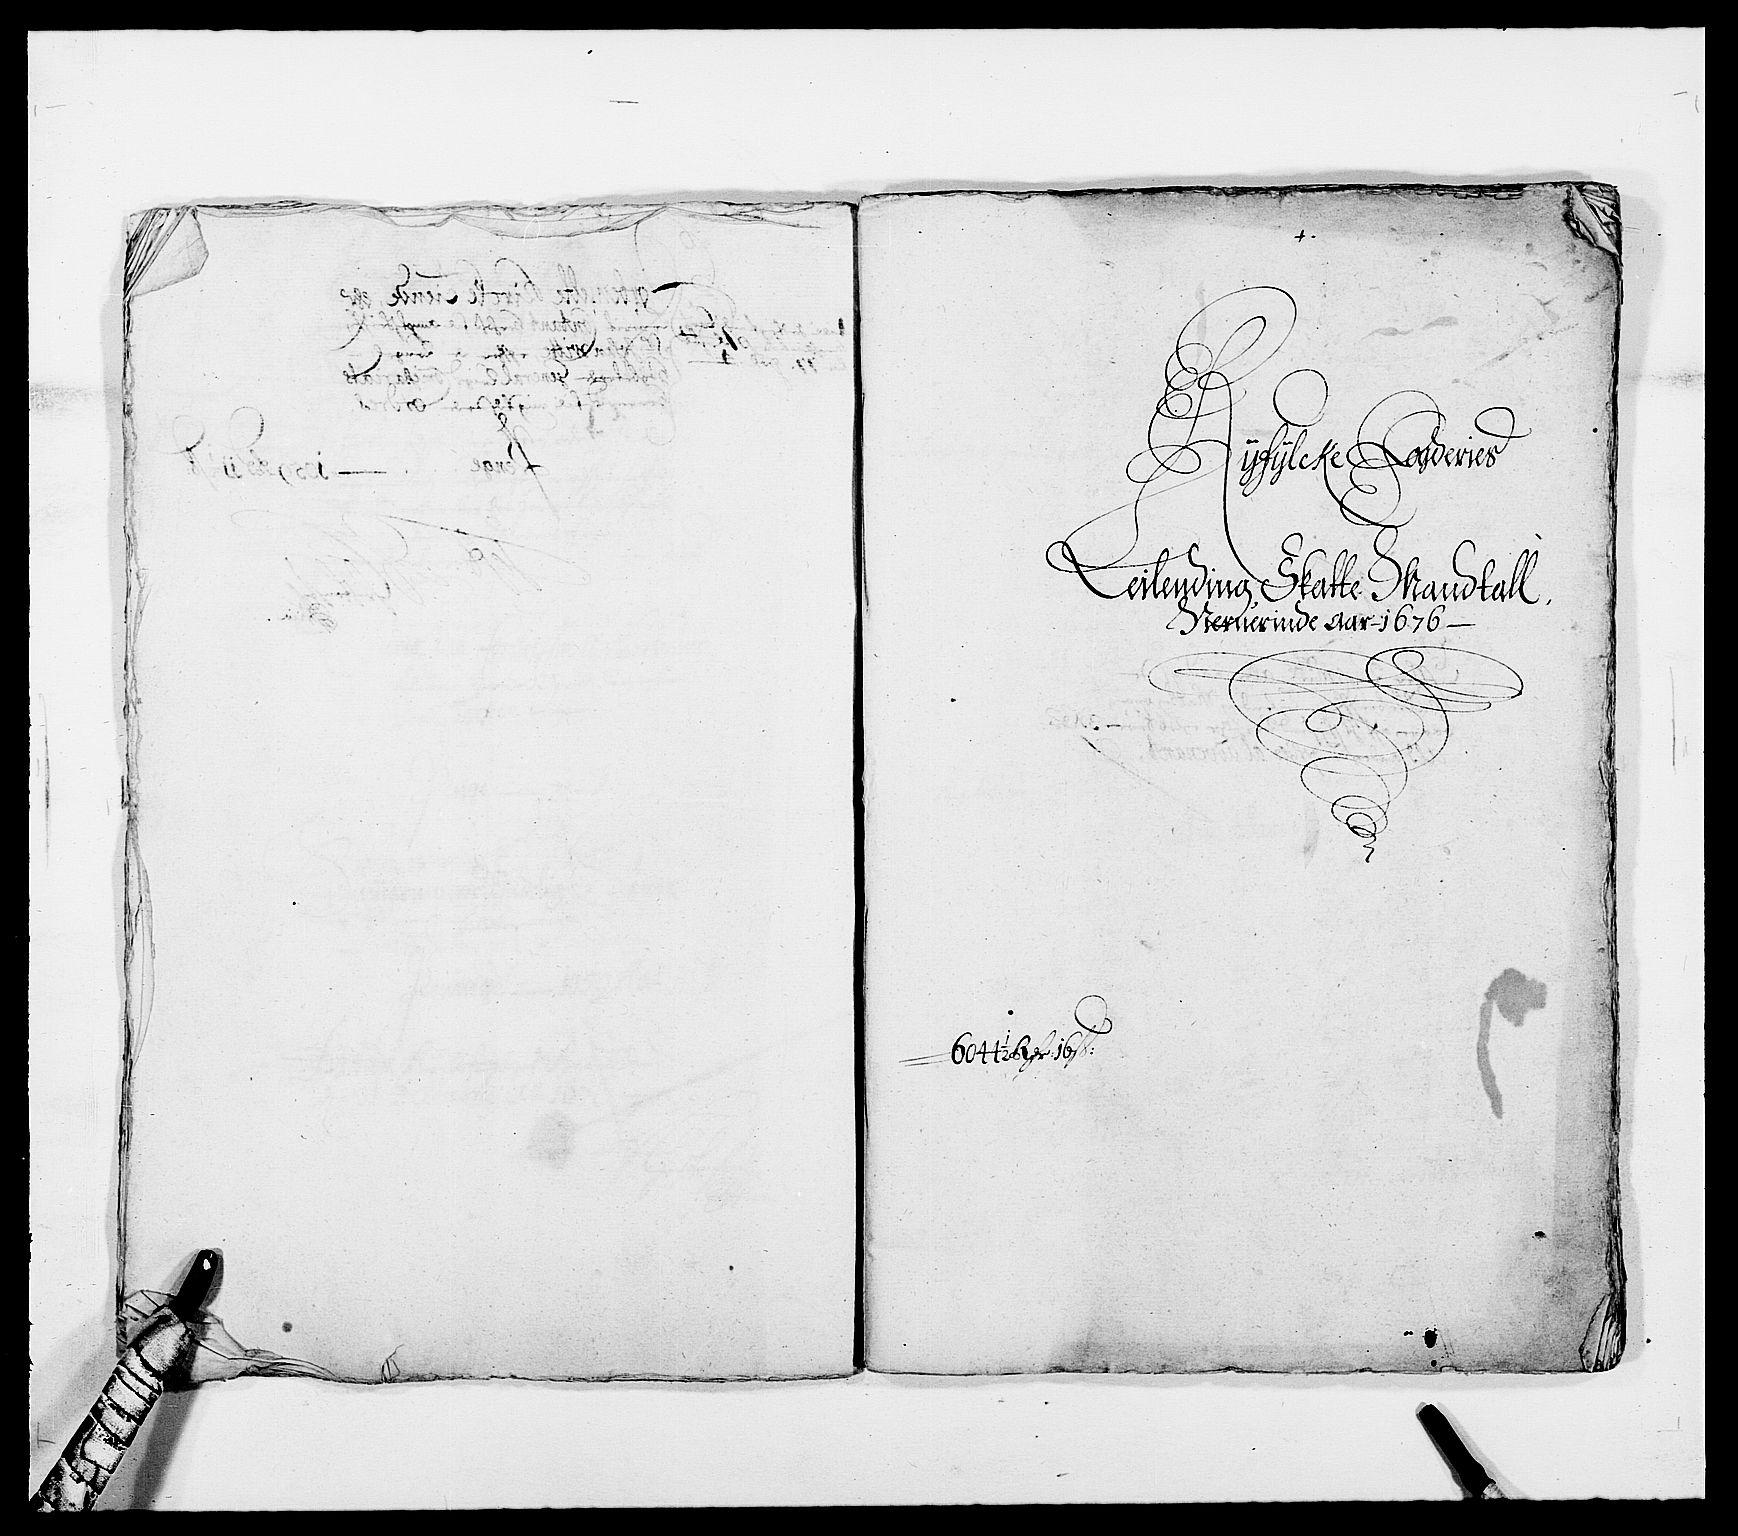 RA, Rentekammeret inntil 1814, Reviderte regnskaper, Fogderegnskap, R47/L2846: Fogderegnskap Ryfylke, 1676, s. 172